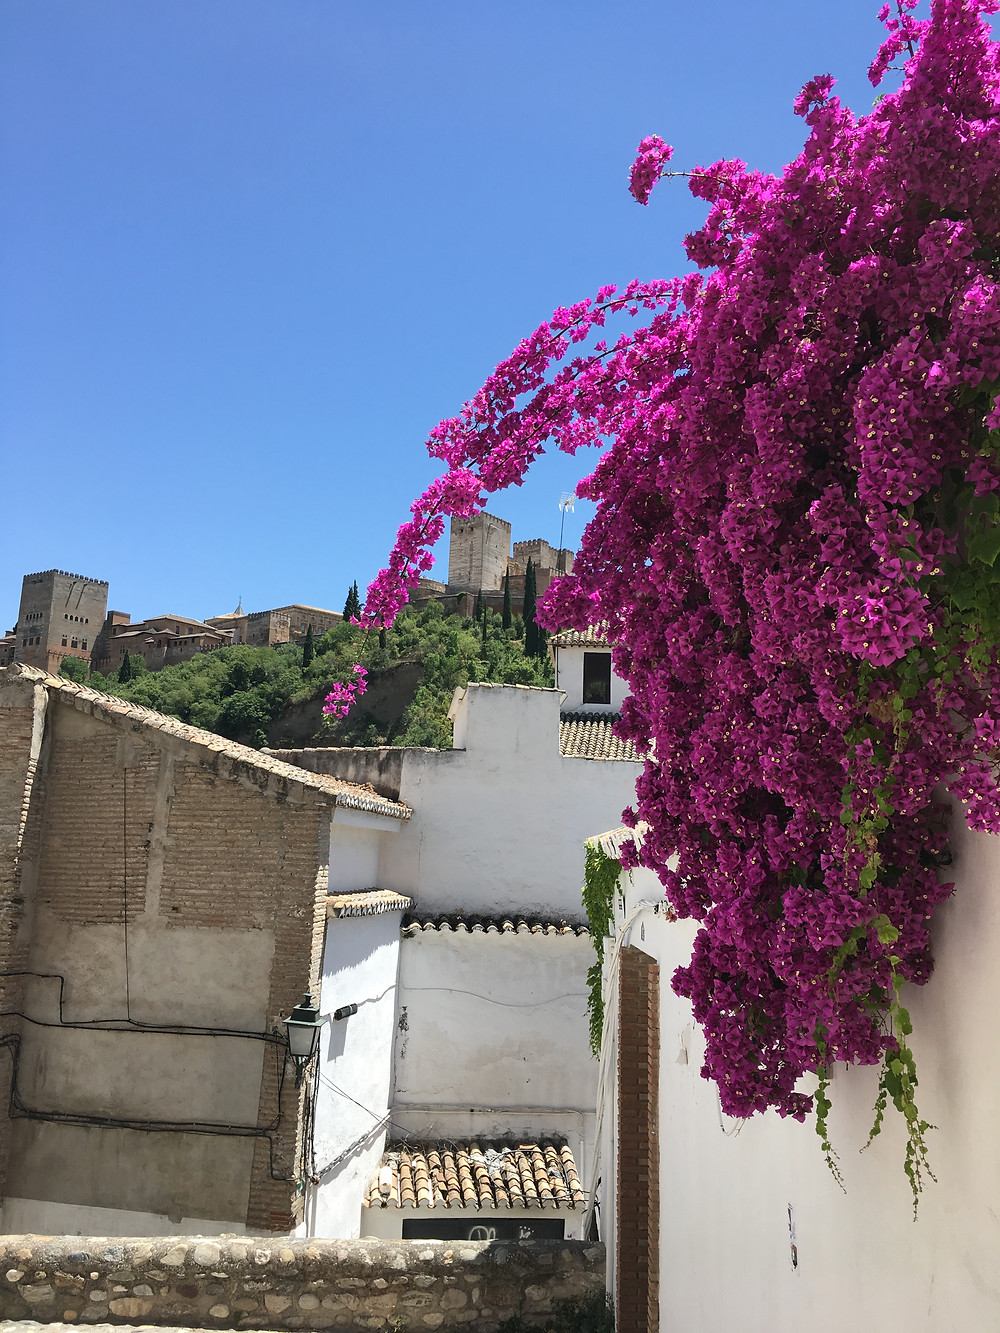 Gorgeous pink flowers in Granada, Spain